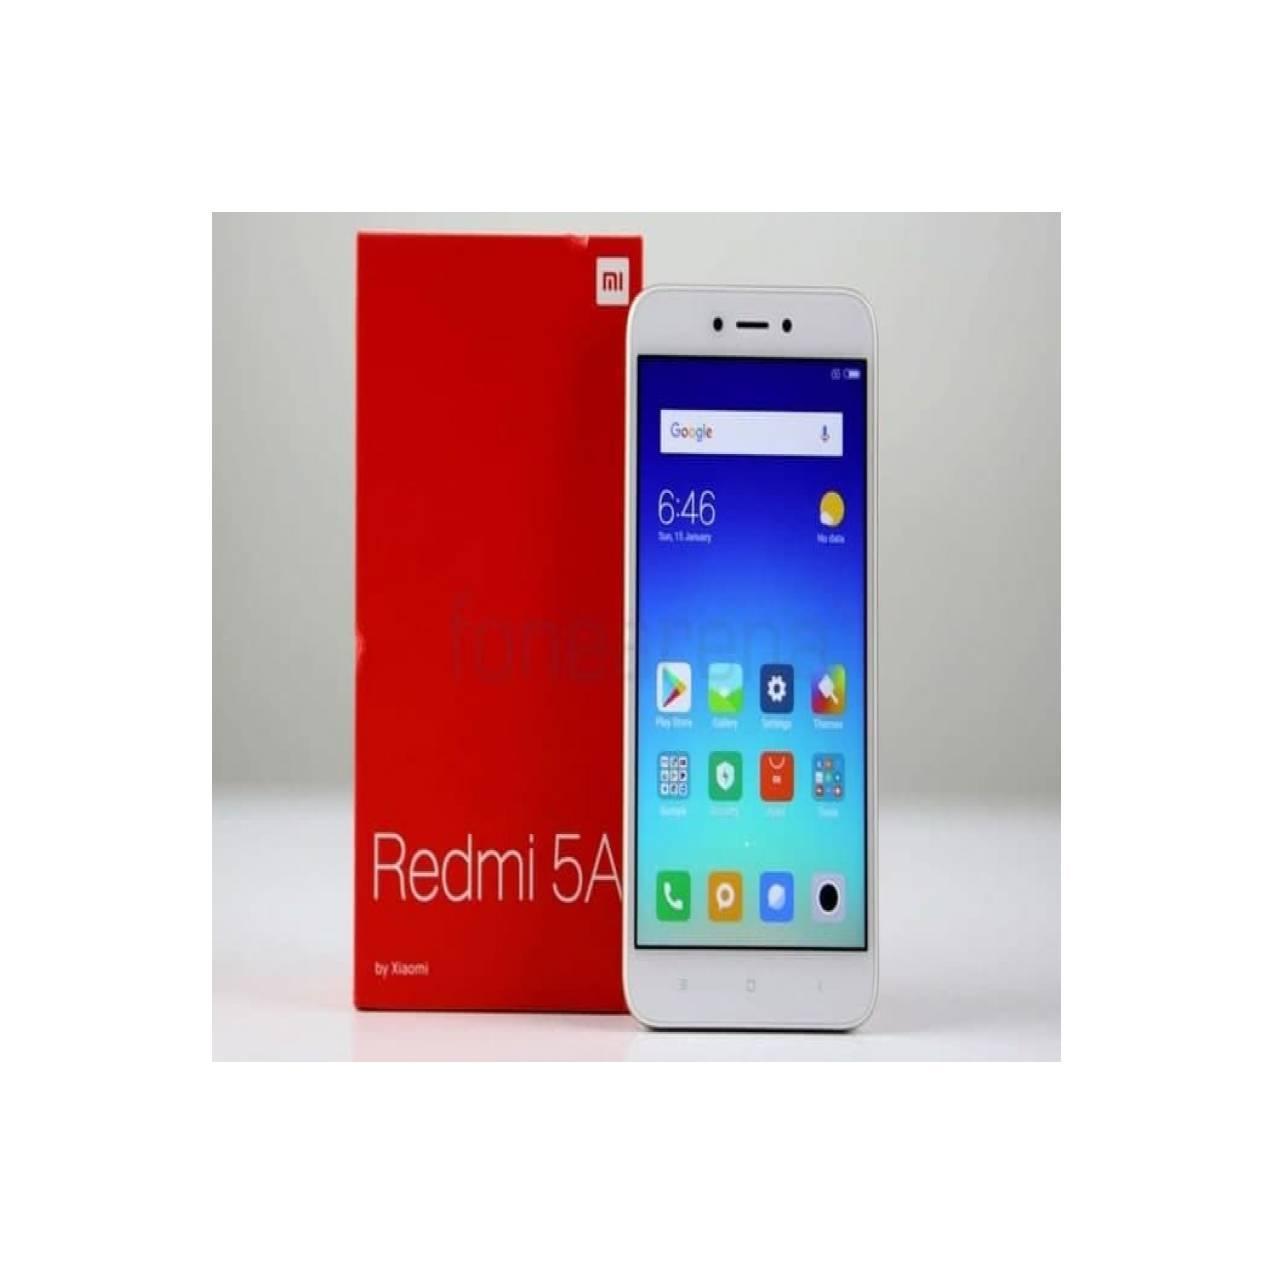 HP XIAOMI REDMI RED MI 5A RAM 3GB 32GB ORIGINAL  - a98a2732c7c7b391247c130fc2d3c626 - Update Harga Terbaru Hp Xiaomi Mi5 Gsmarena Agustus 2018